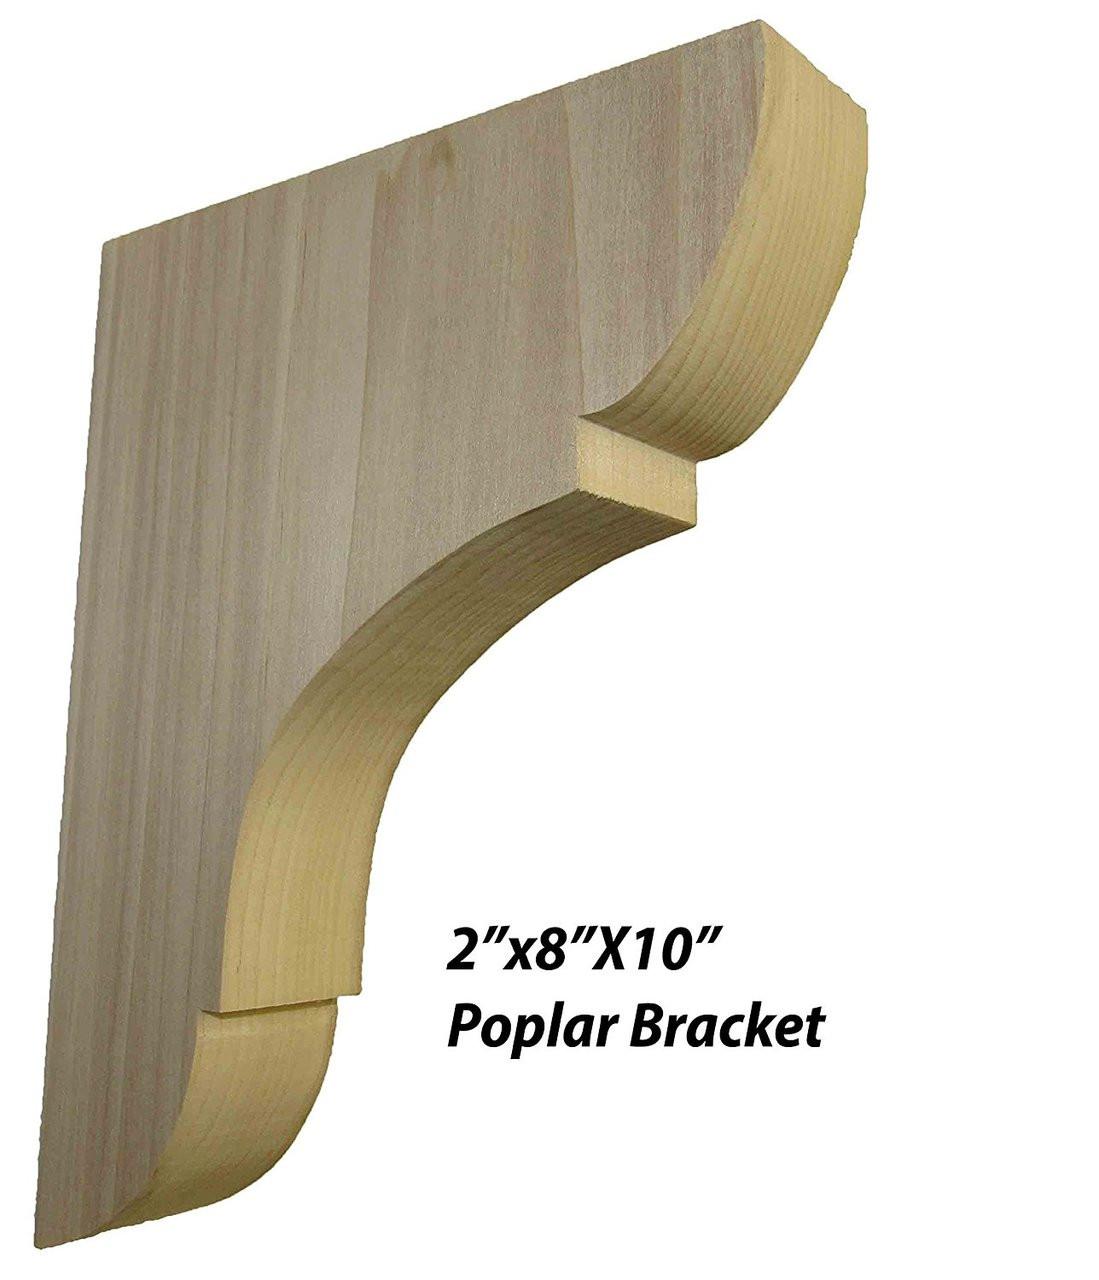 Wall Shelves Wooden Shelf Brackets Natural 1 X Pair Home